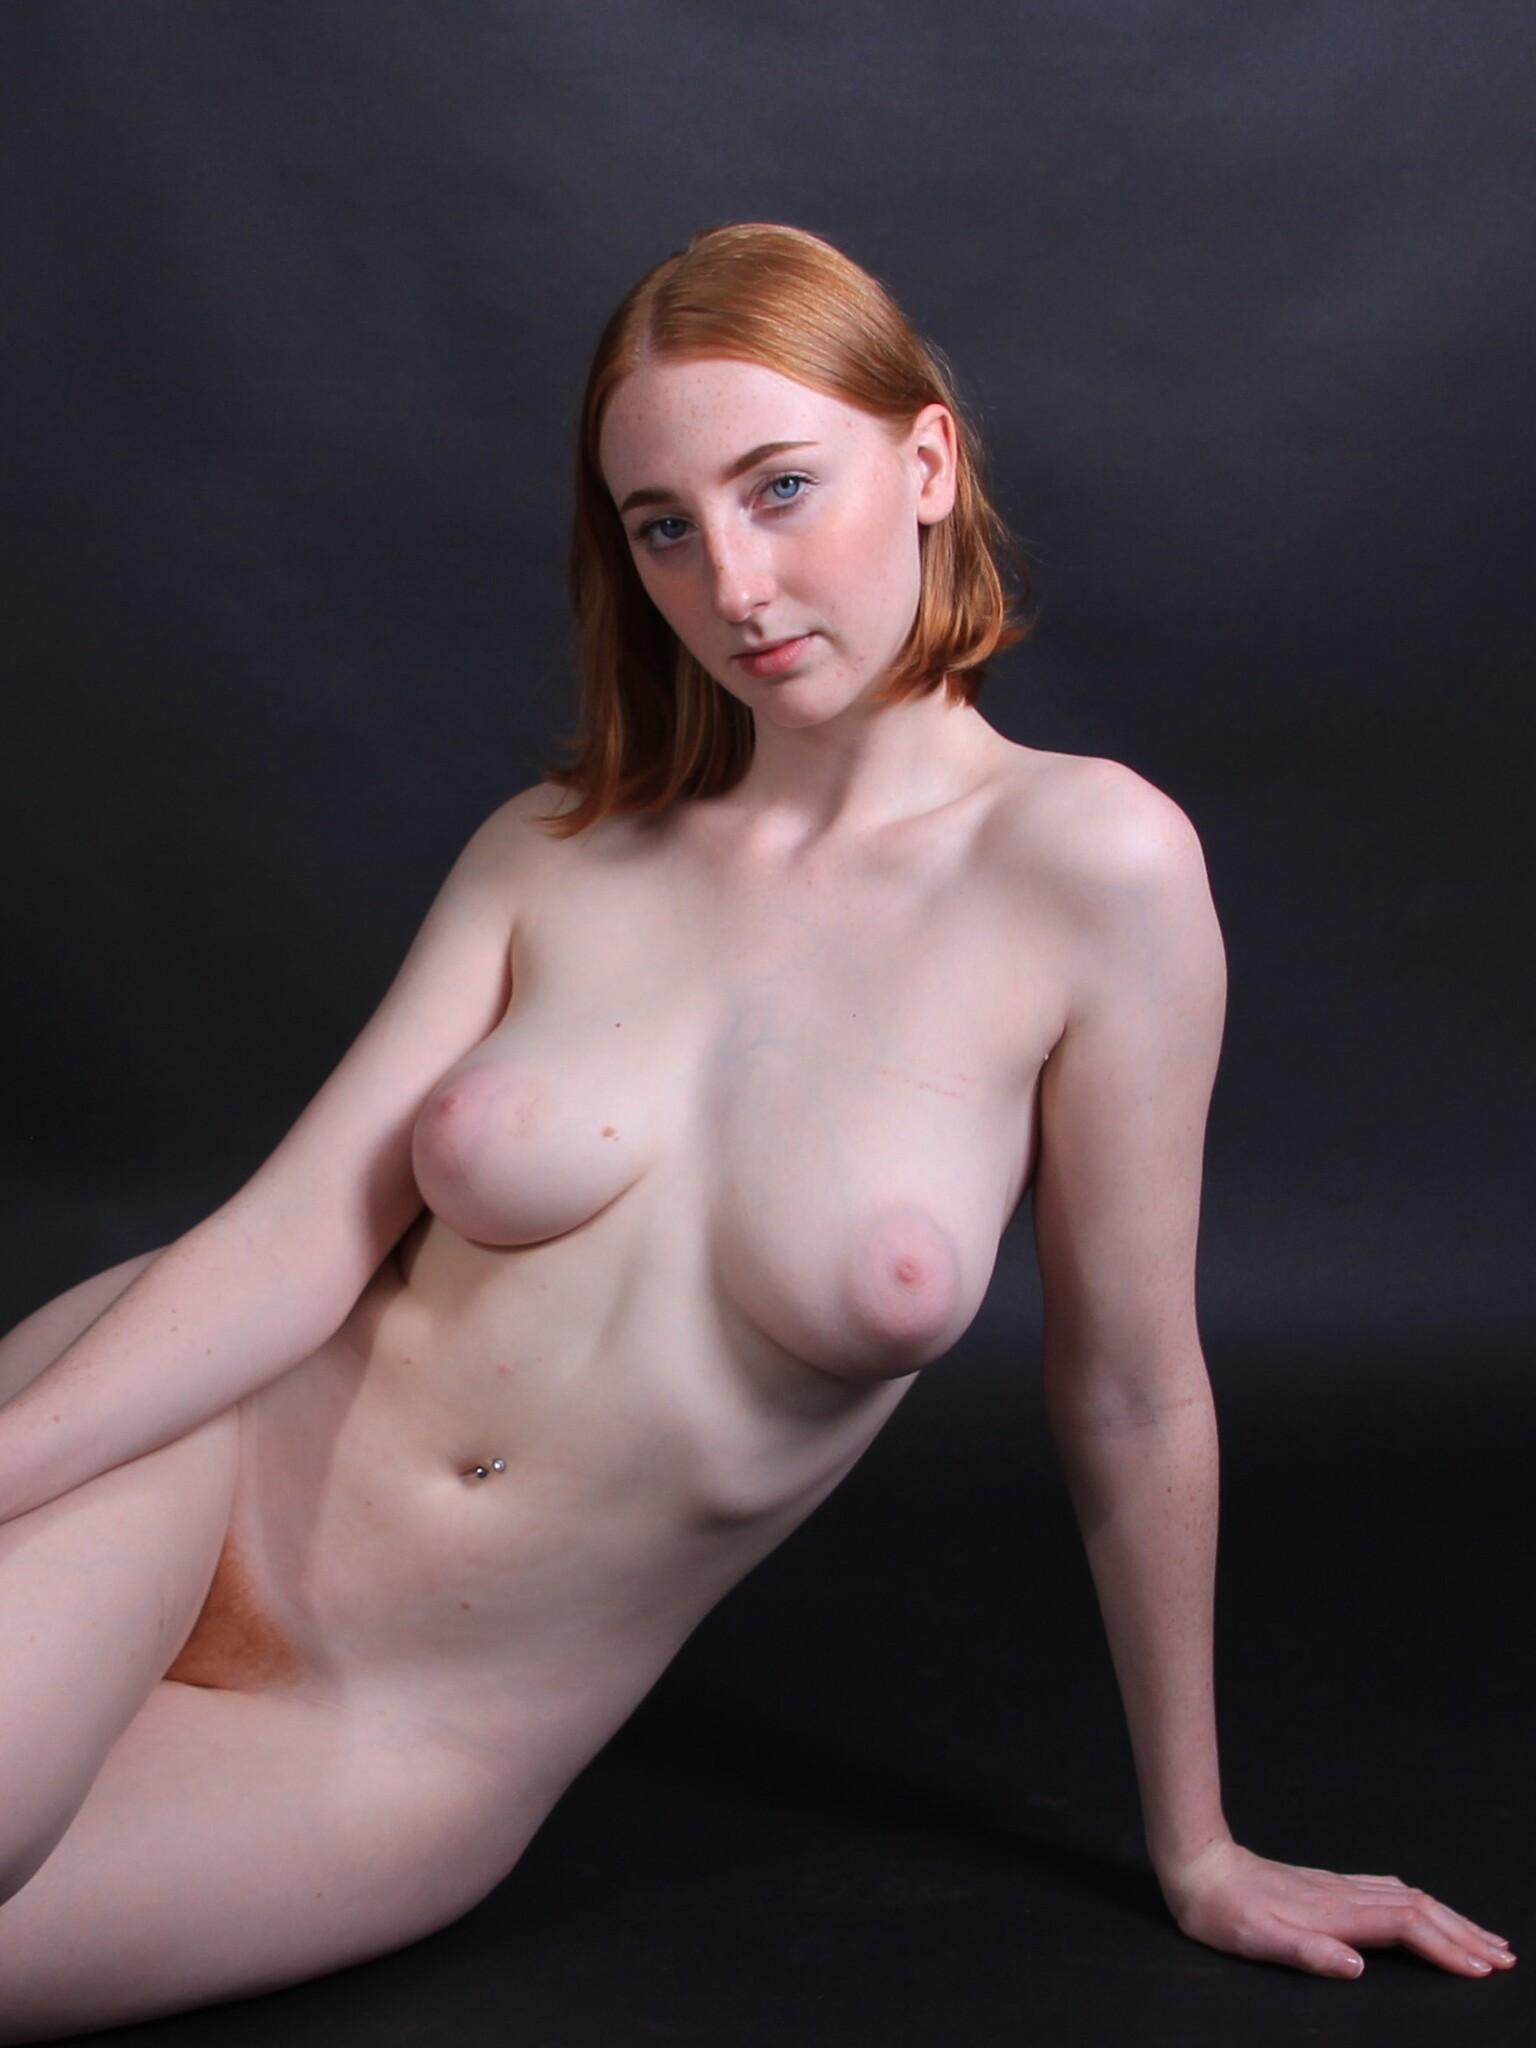 Olive - Model:Olive - foto door MathieuMagne op 15-04-2021 - deze foto bevat: naakt, roodharige, model, vrouw, foto shoot, haar, wang, huid, lip, kin, maag, schouder, wimper, nek, flitsfotografie